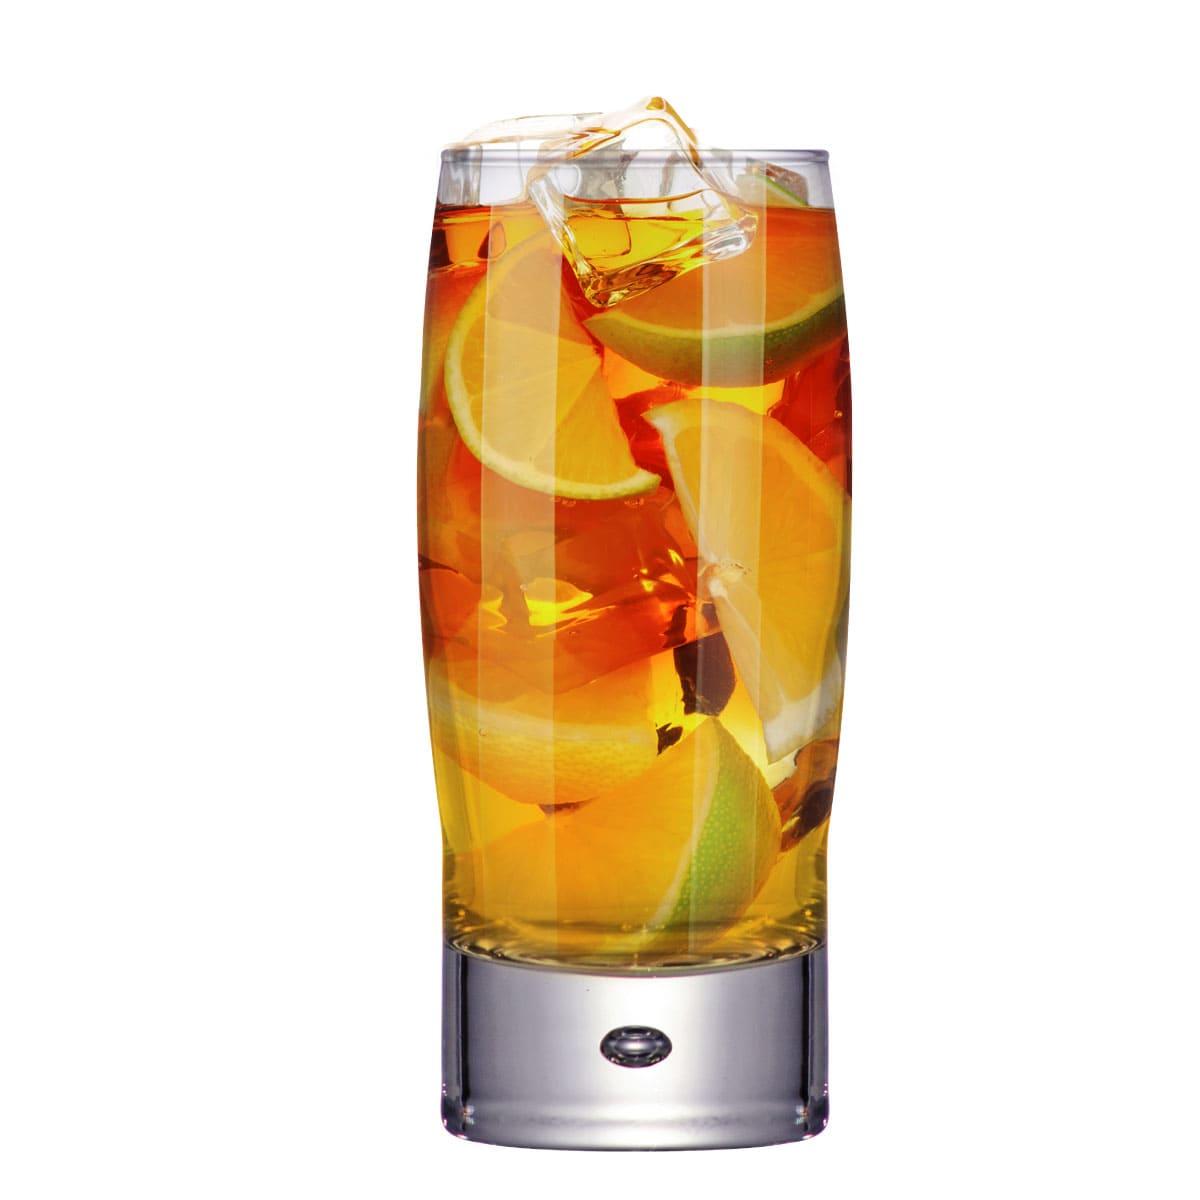 Copo de Vidro Strange Long Drink 300ml (Caixa com 24 unidades)